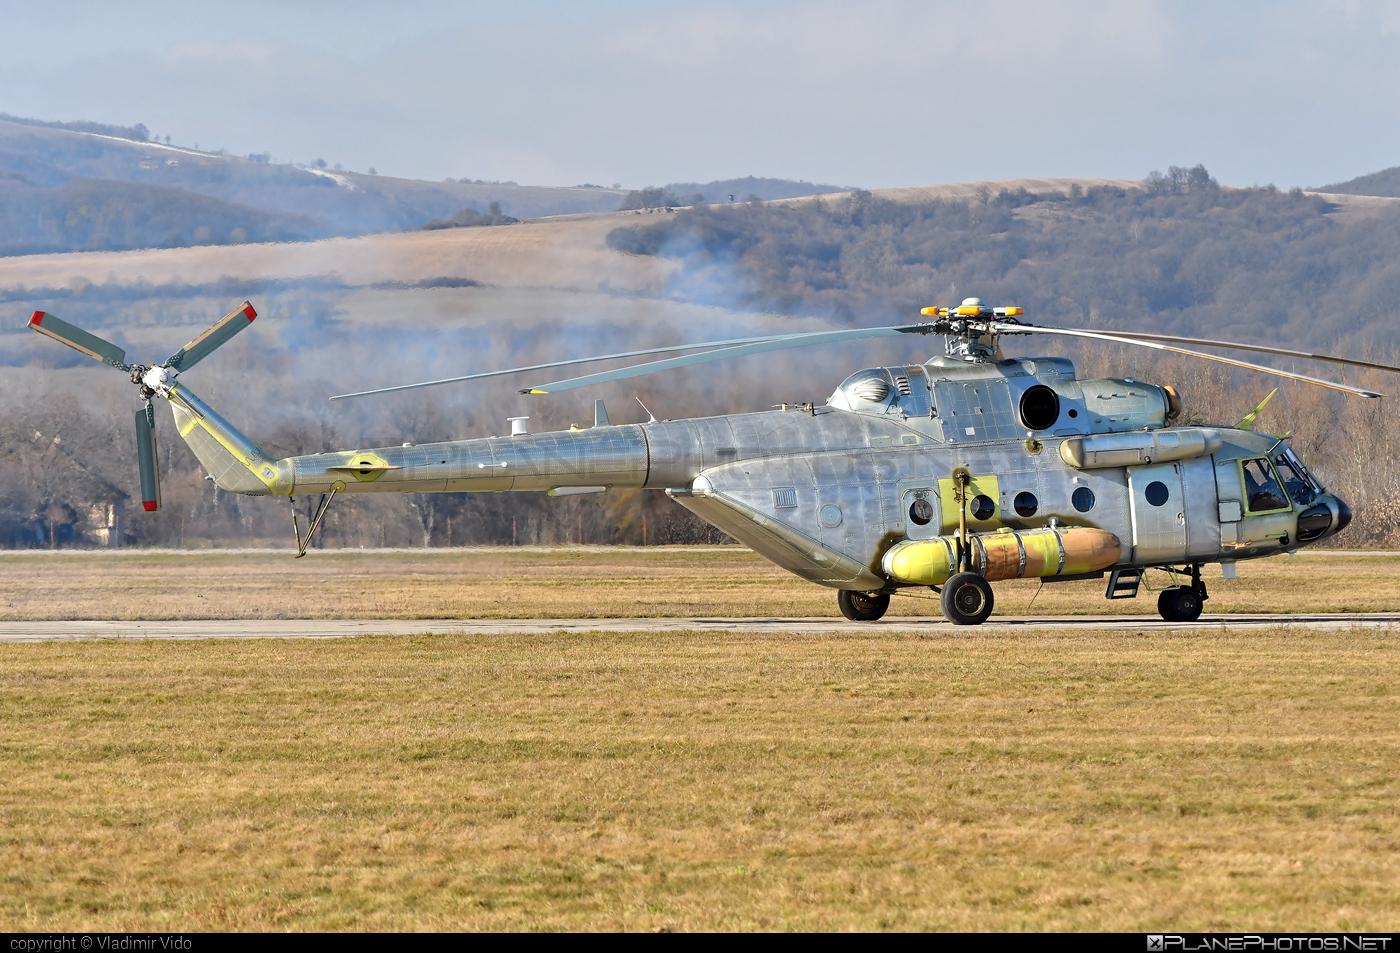 Mil Mi-17V-5 - 716 operated by Afghan Air Force #afghanairforce #mi17 #mi17v5 #mil #mil17 #milhelicopters